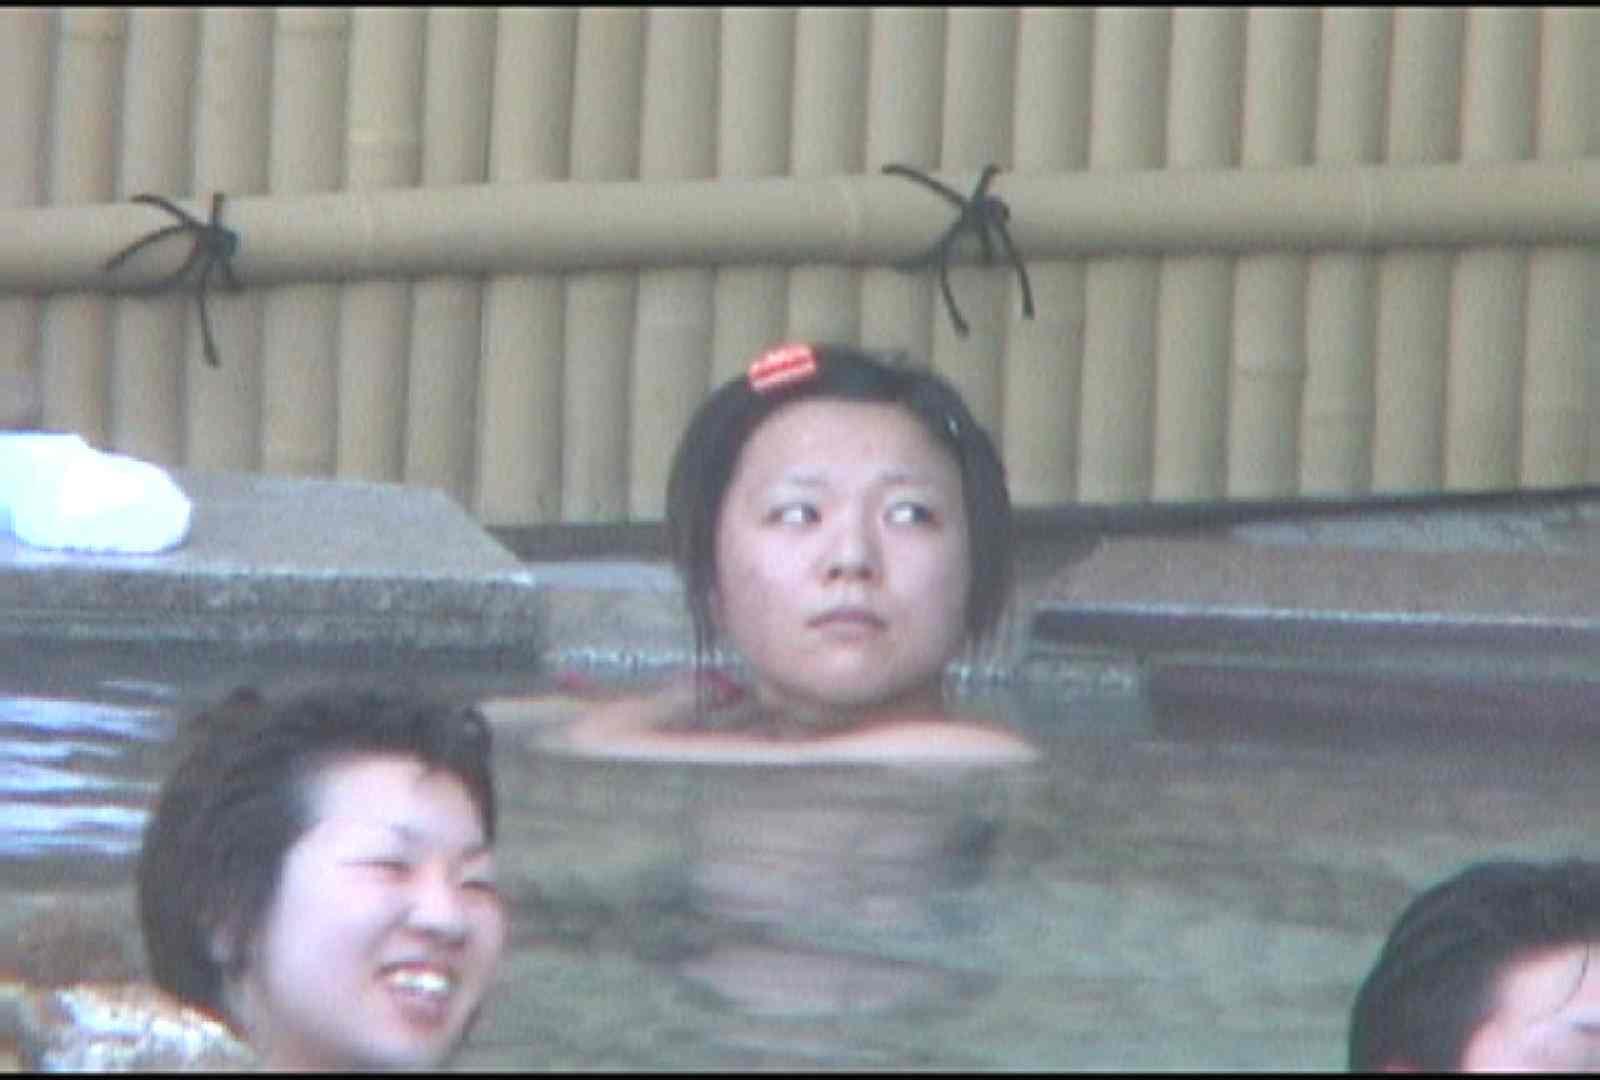 Aquaな露天風呂Vol.175 盗撮 オメコ動画キャプチャ 99枚 23